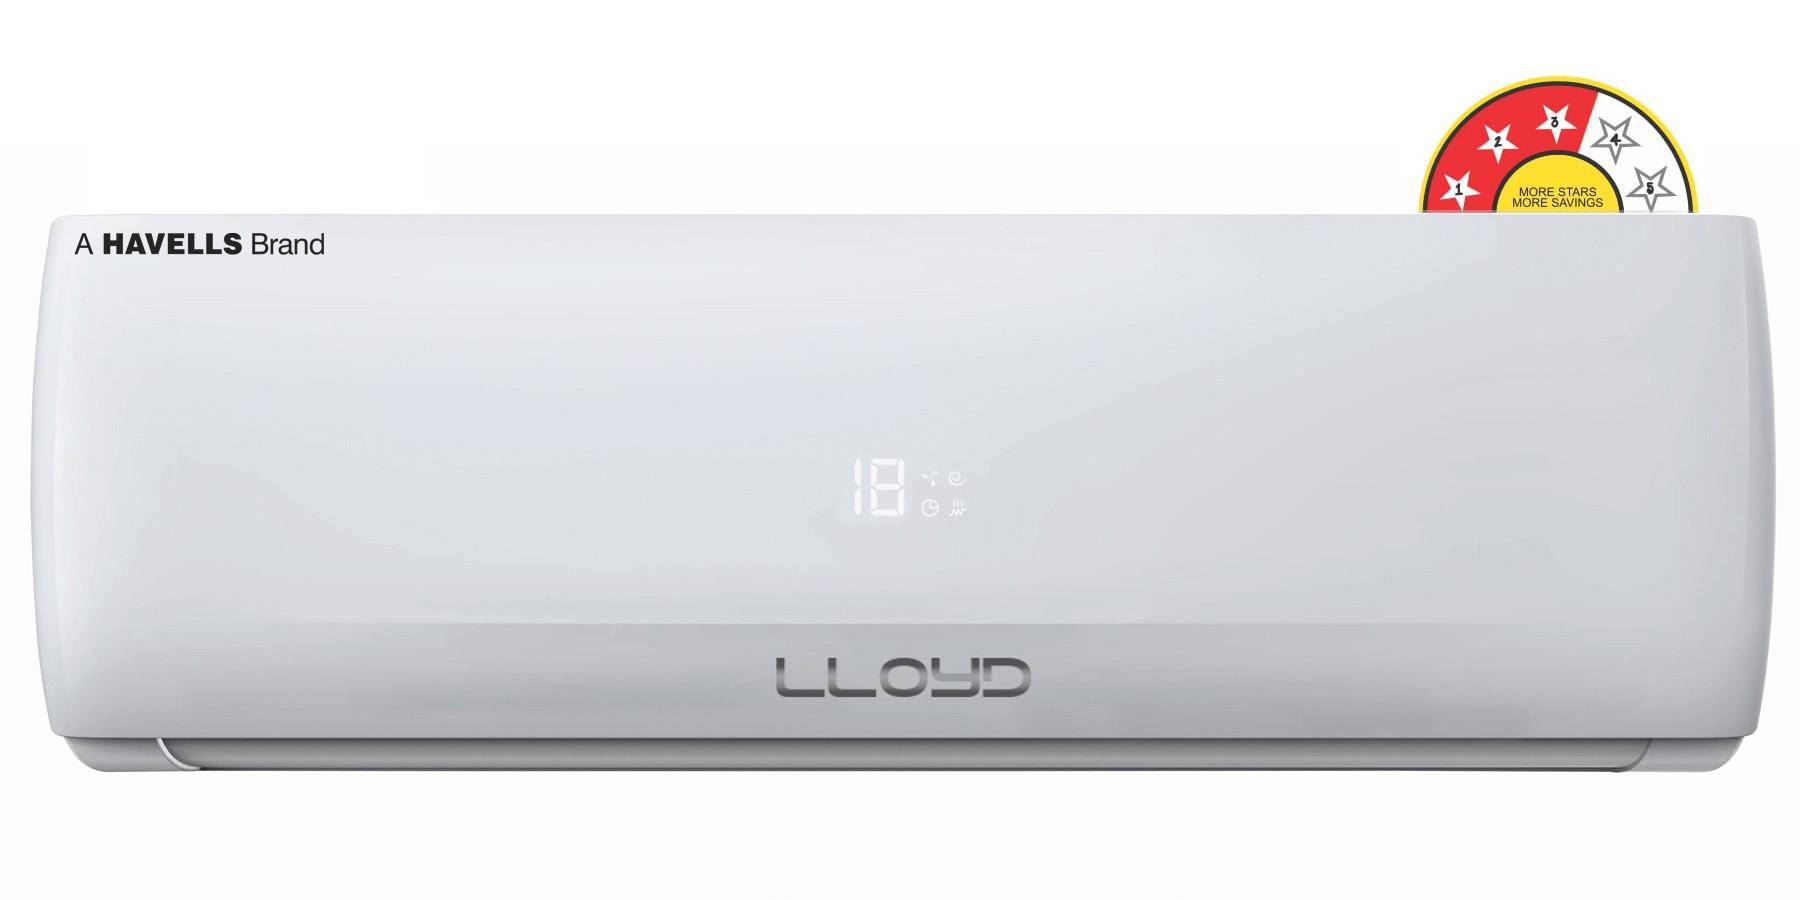 LS13B34OA